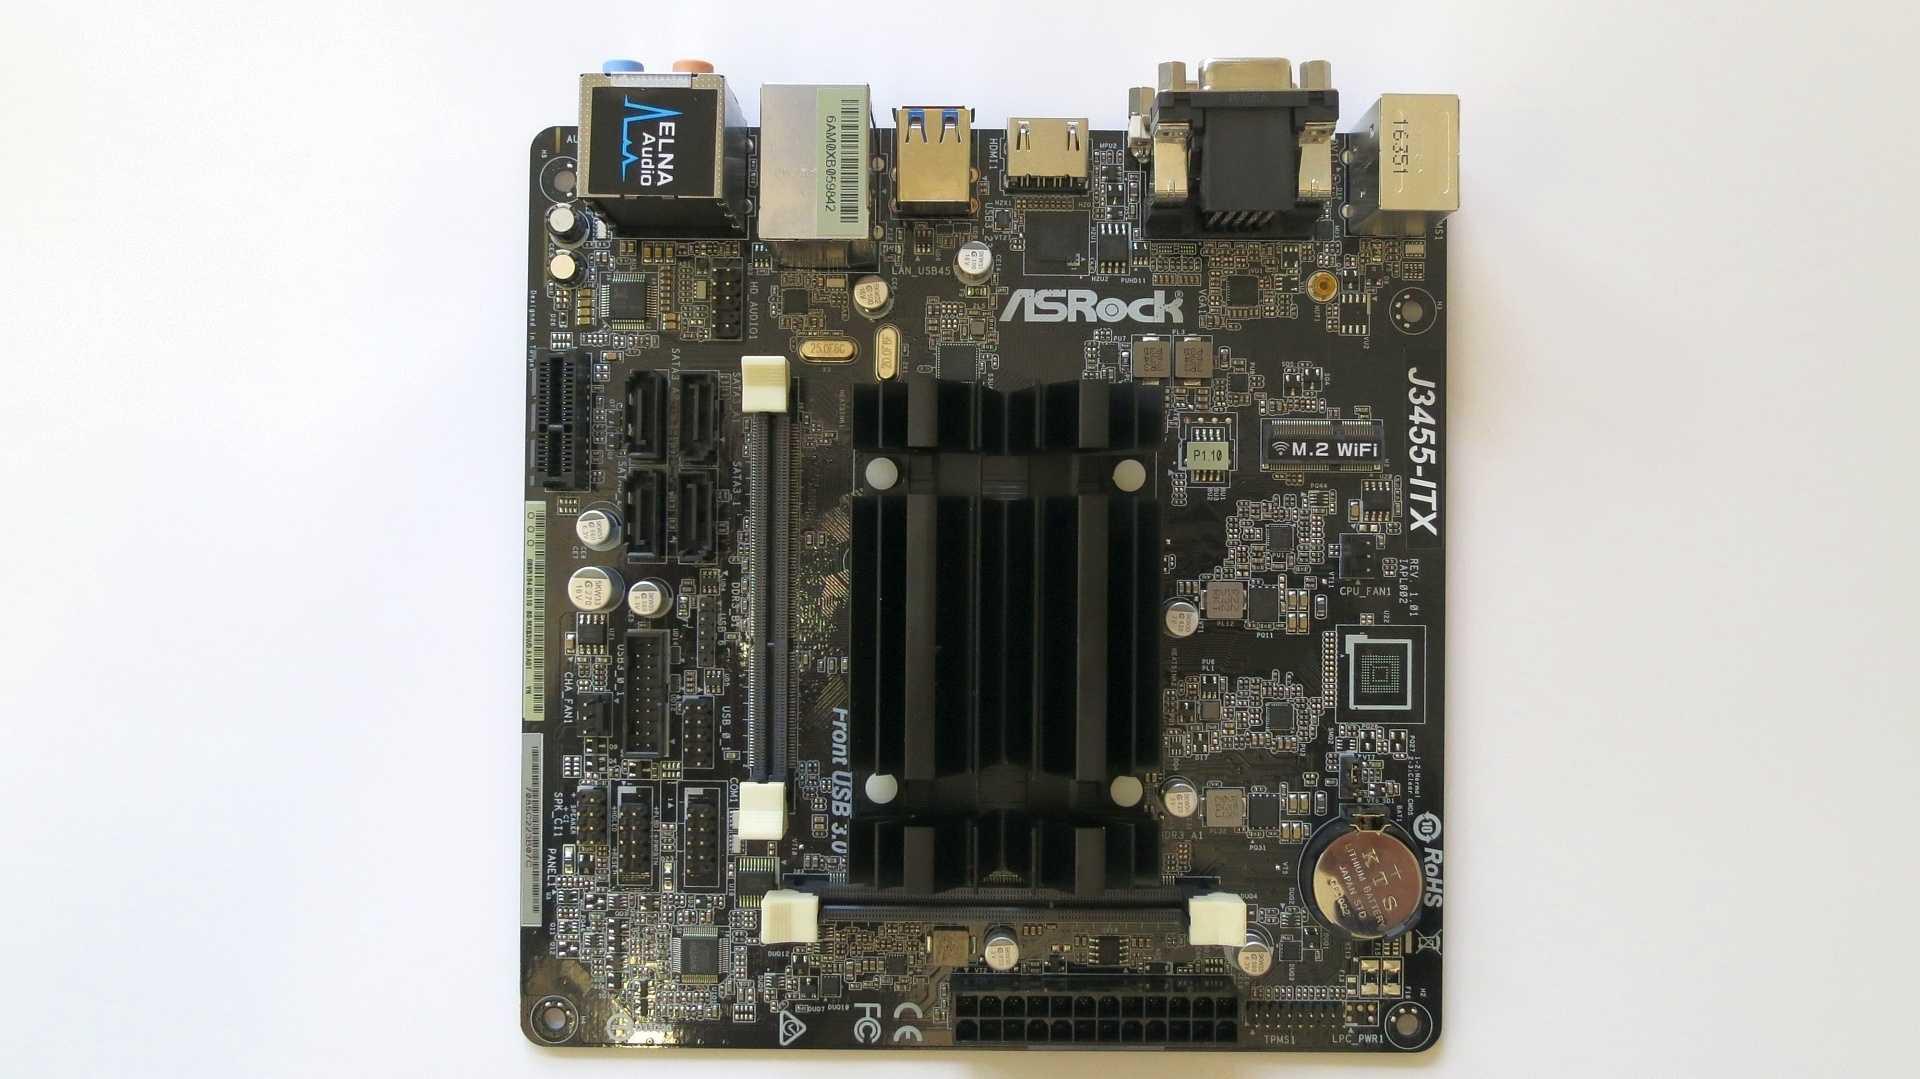 ASRock J3455-ITX mit Intel Apollo Lake